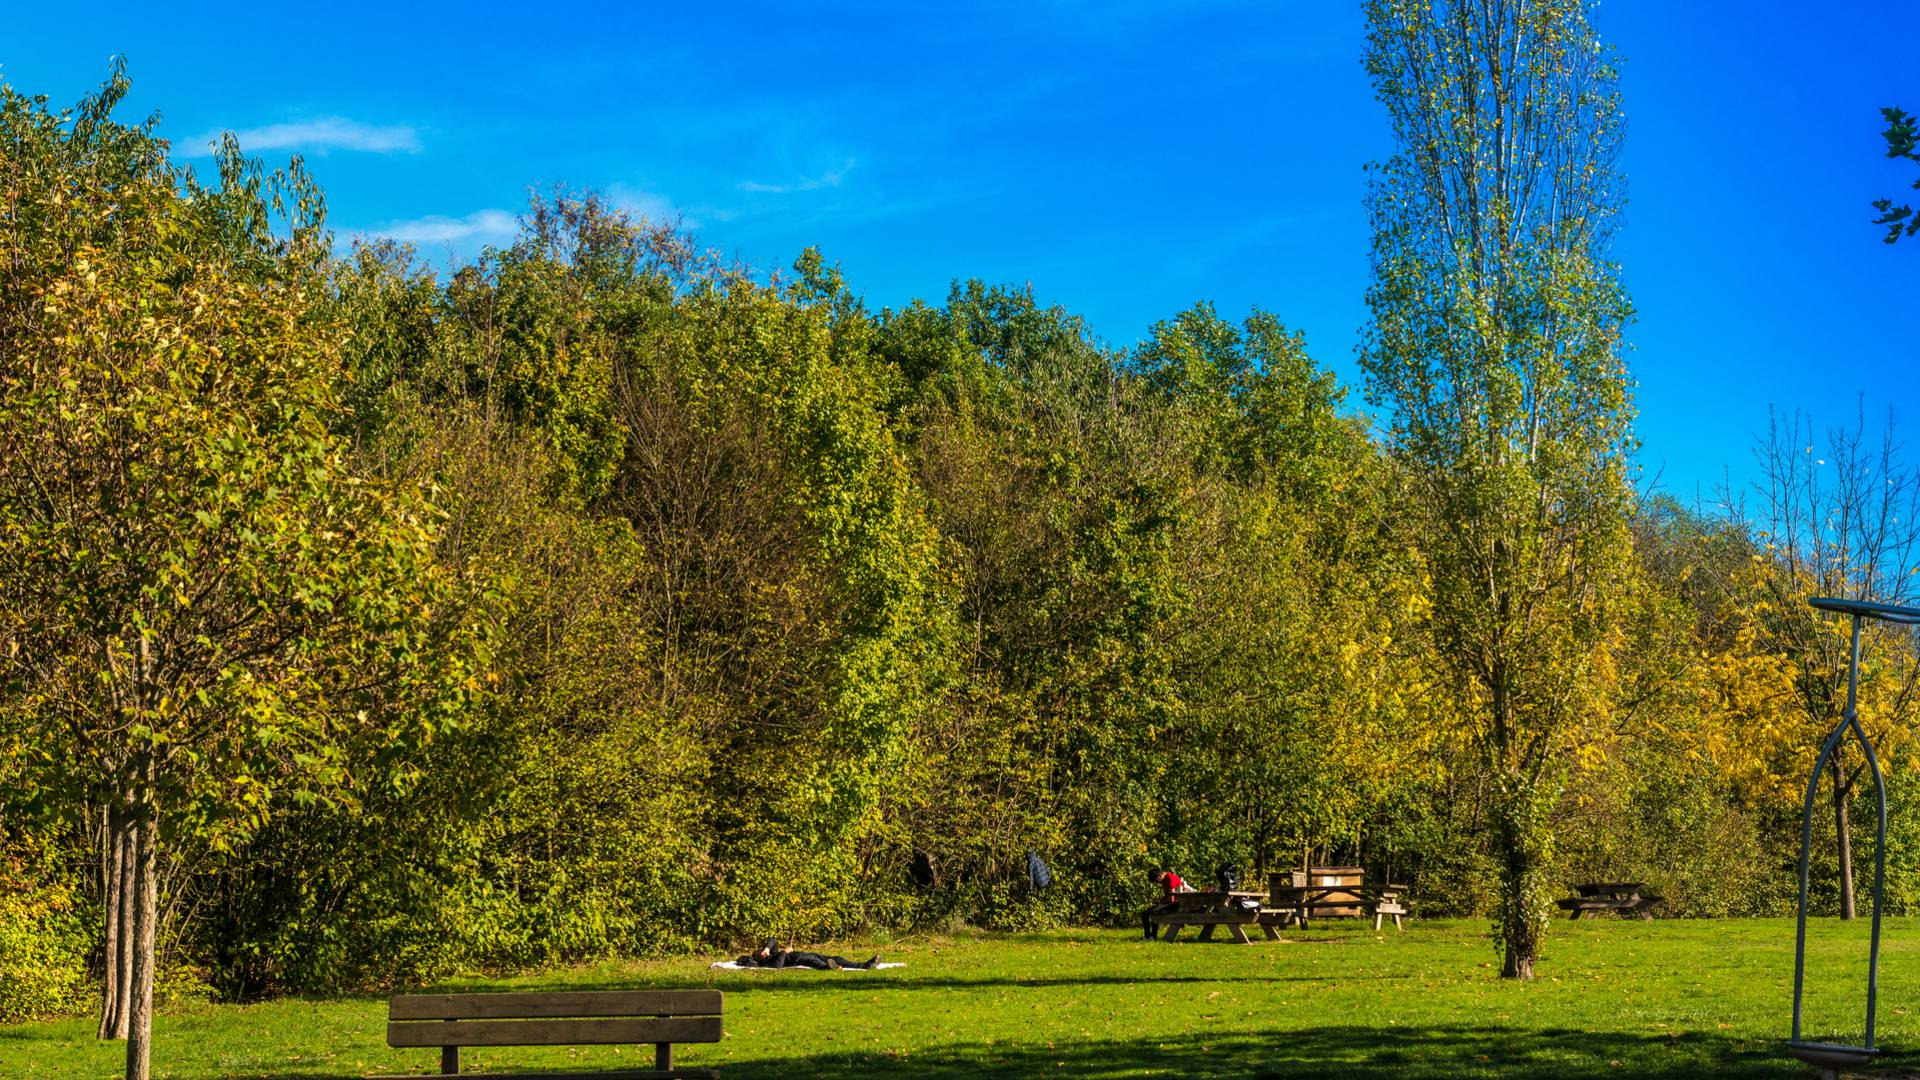 Farniente dans le parc Maugrand, Montceau-les-Mines. © Oscara Photographe_Creusot Montceau Tourisme.